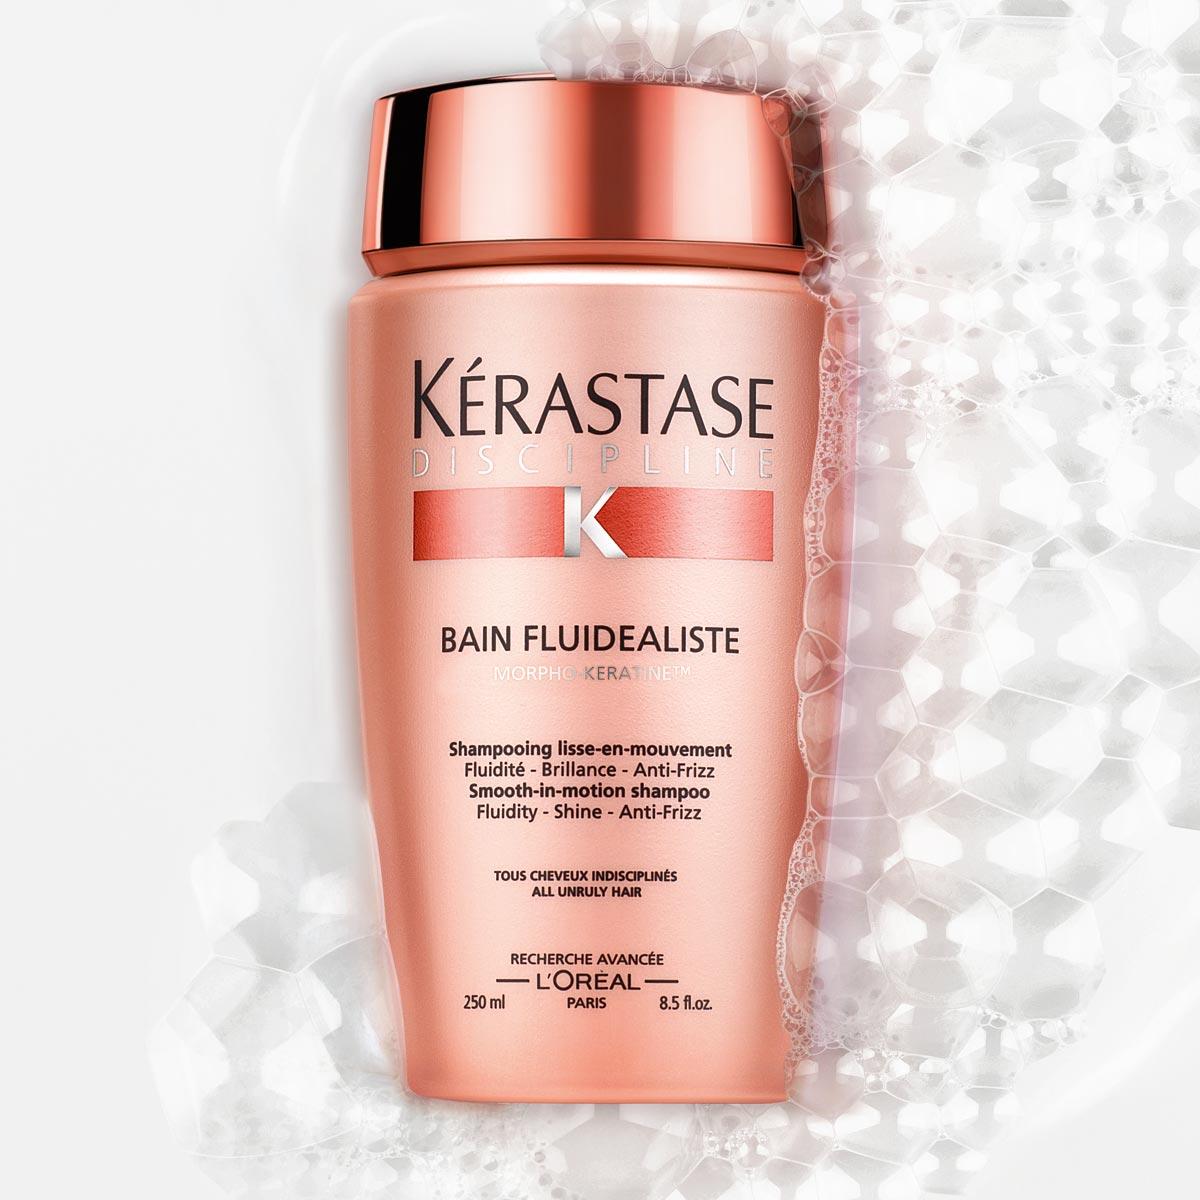 Bain fluidealiste z radu Discipline od Kérastase je uhladzujúca šamponová kúpeľ pre všetky vlasy náročné na úpravu, ktorá zanecháva vlasy v pohybe.